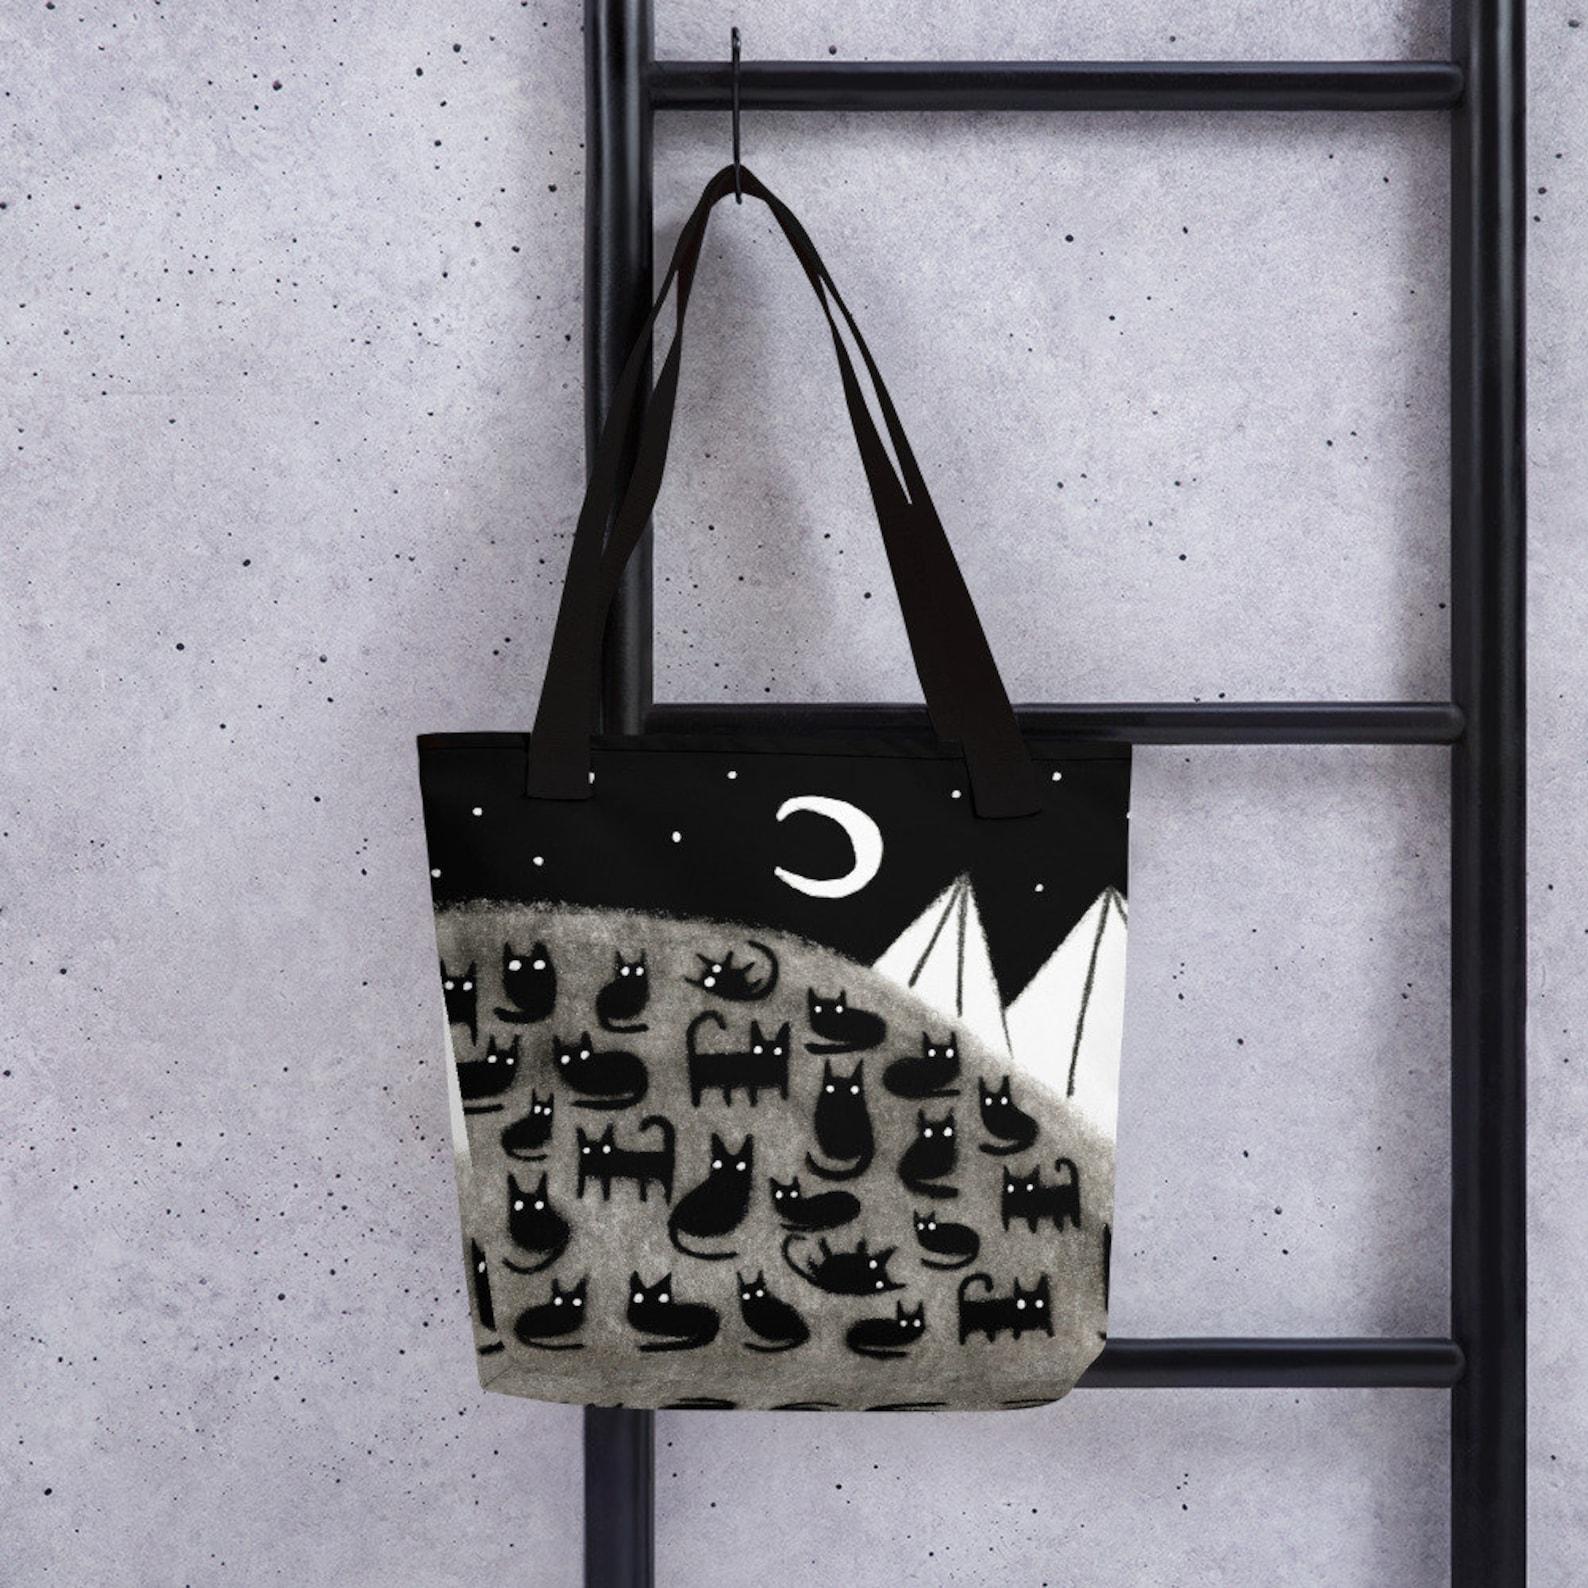 Black Cat Moon Tote Bag